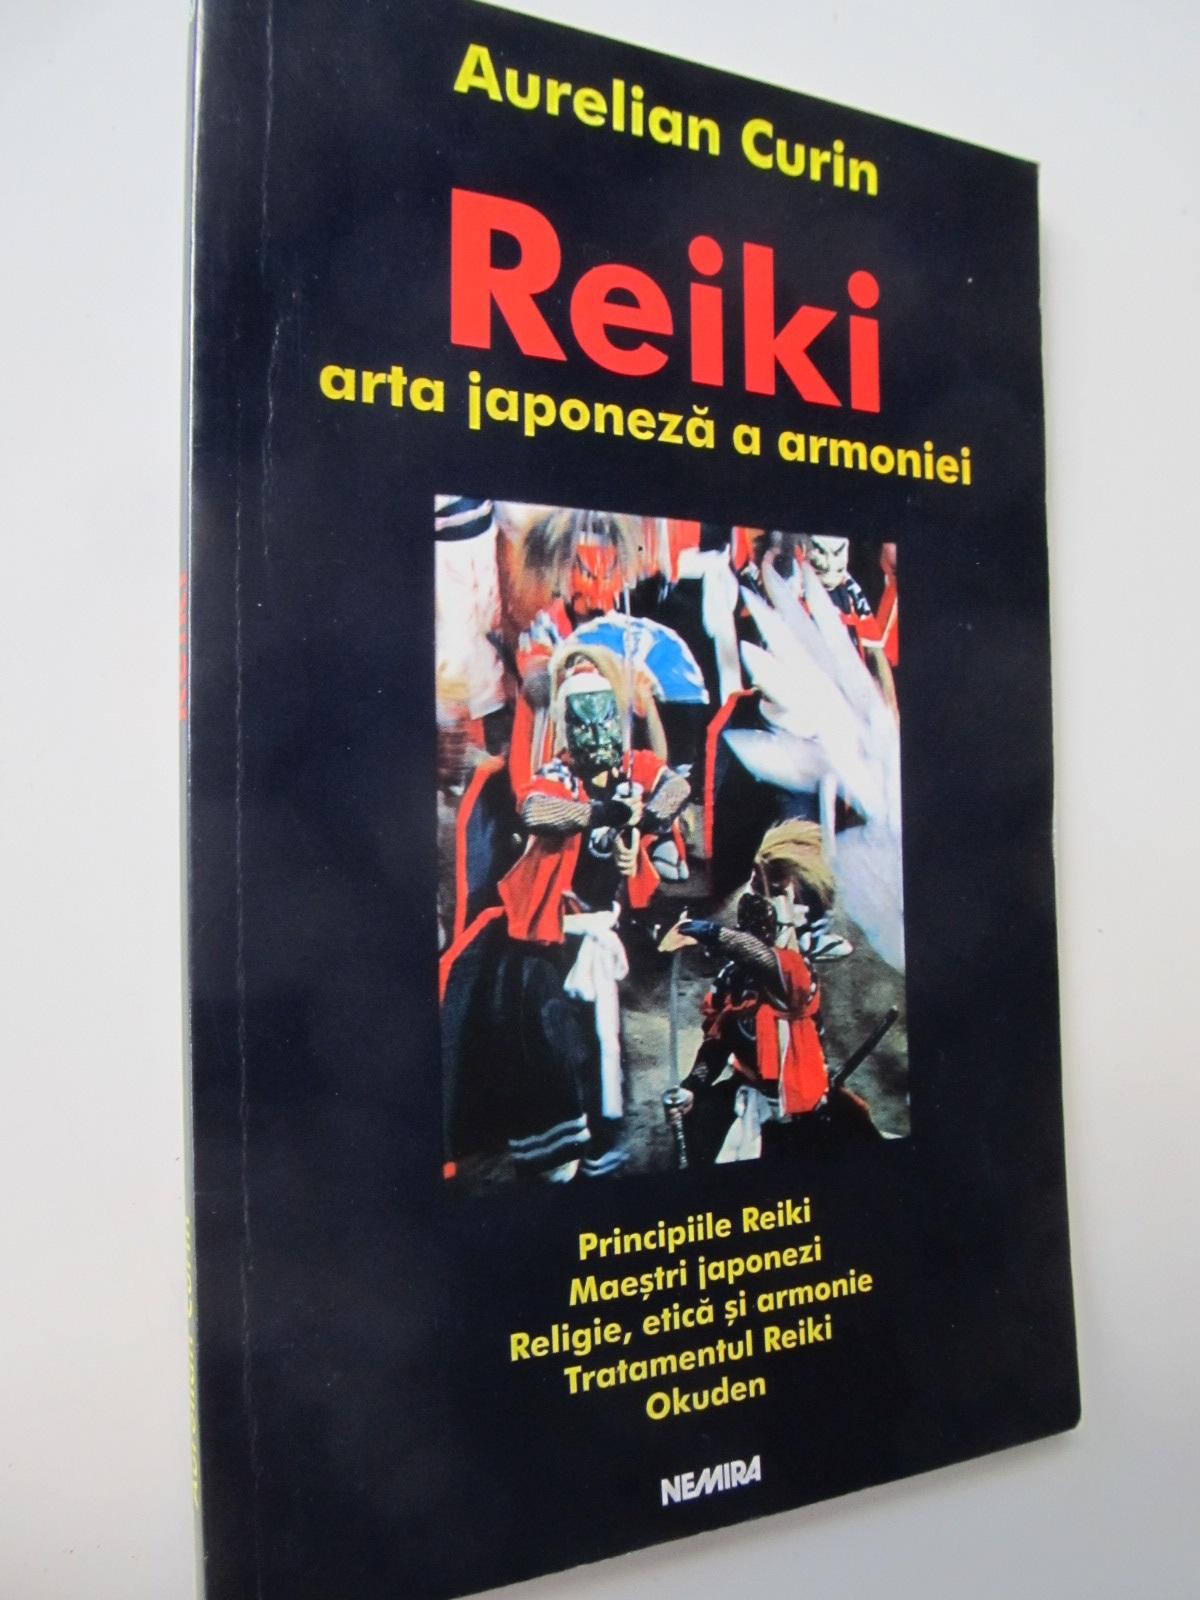 Carte Reiki arta japoneza a armoniei - Aurelian Curin